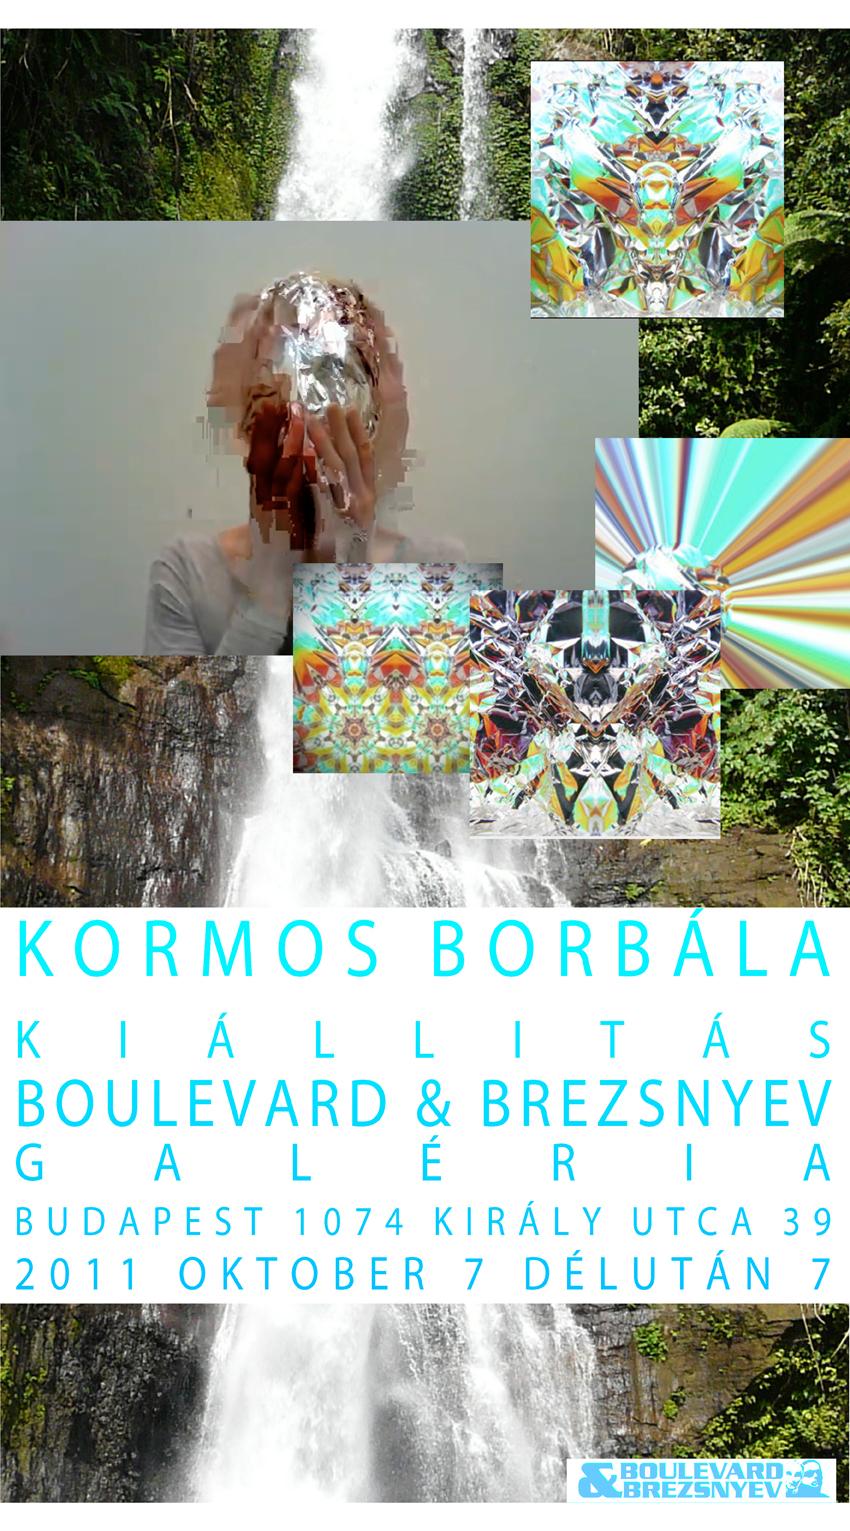 2011.10.07. Kormos Borbála kiállítása